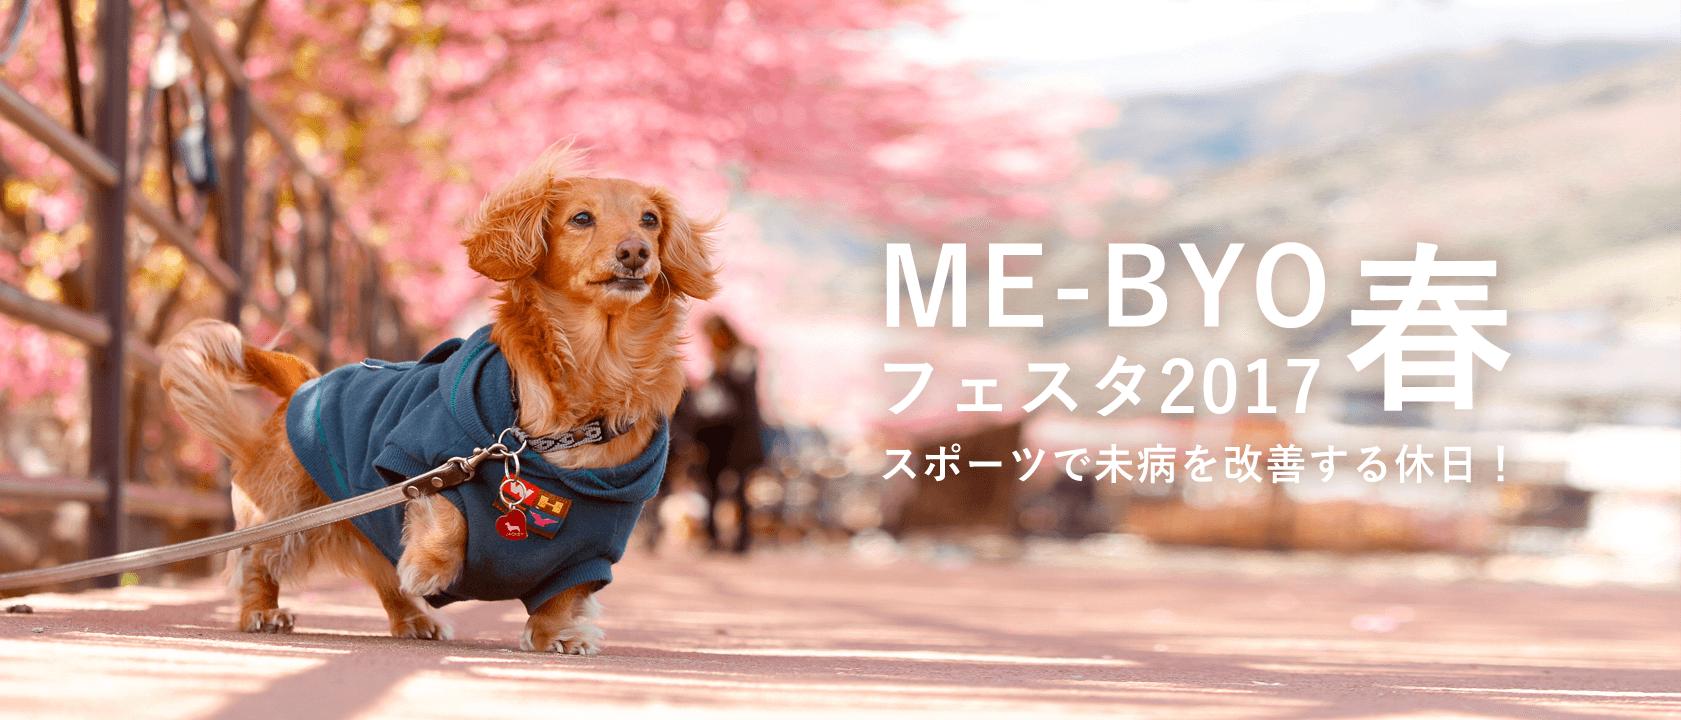 ME-BYOフェスタ2017春